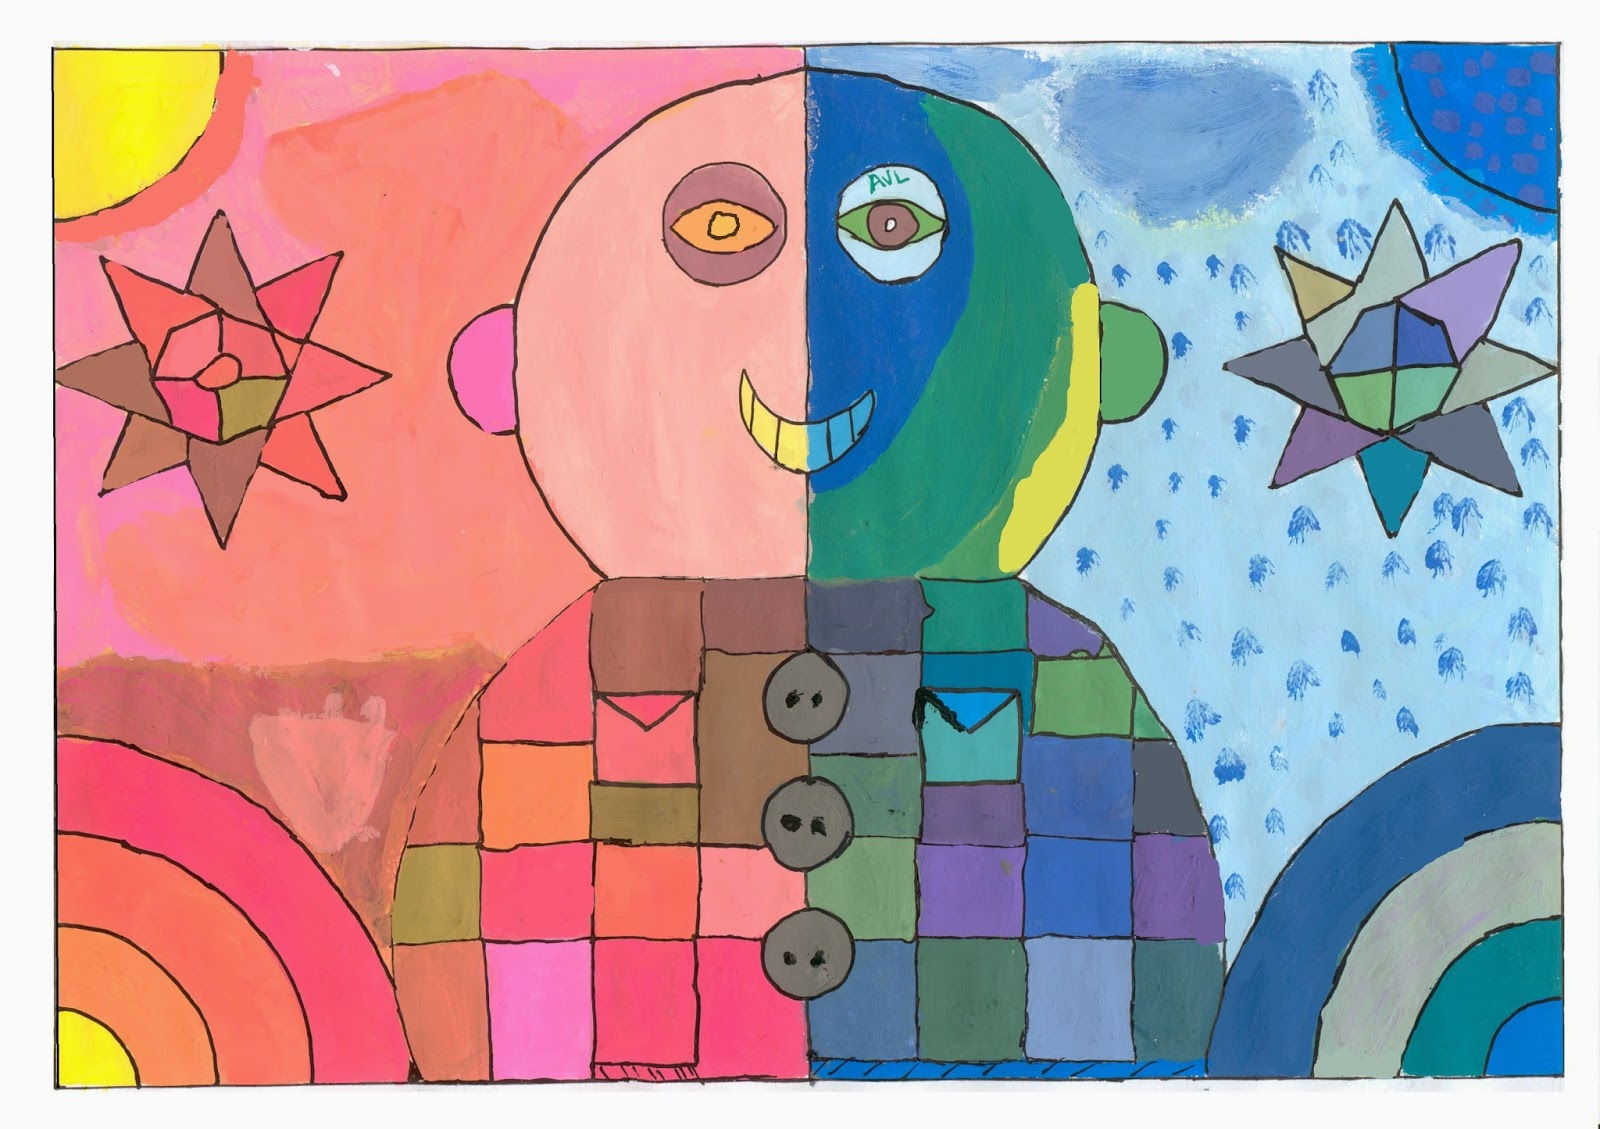 Dibujos pl stica 1 e s o adrian primer trimestre - Imagenes de colores calidos ...